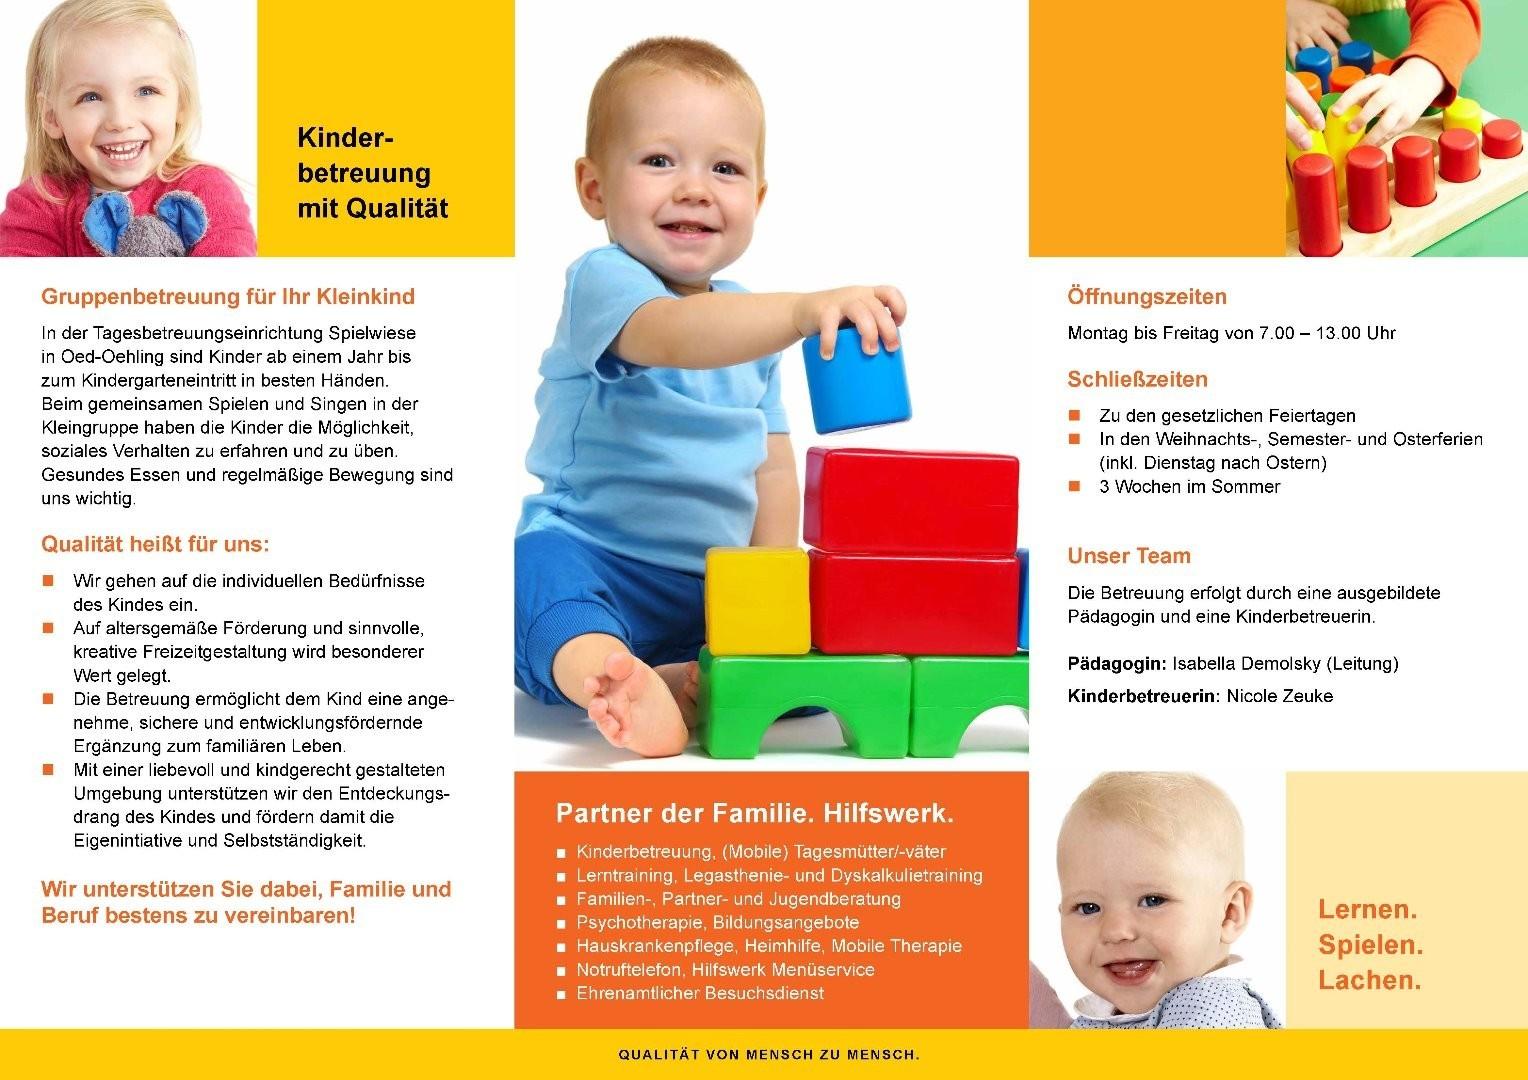 Flyer_Hilfswerk_kindertreff_Spielwiese_Oed_mail_Juni2017_Seite_2.jpg